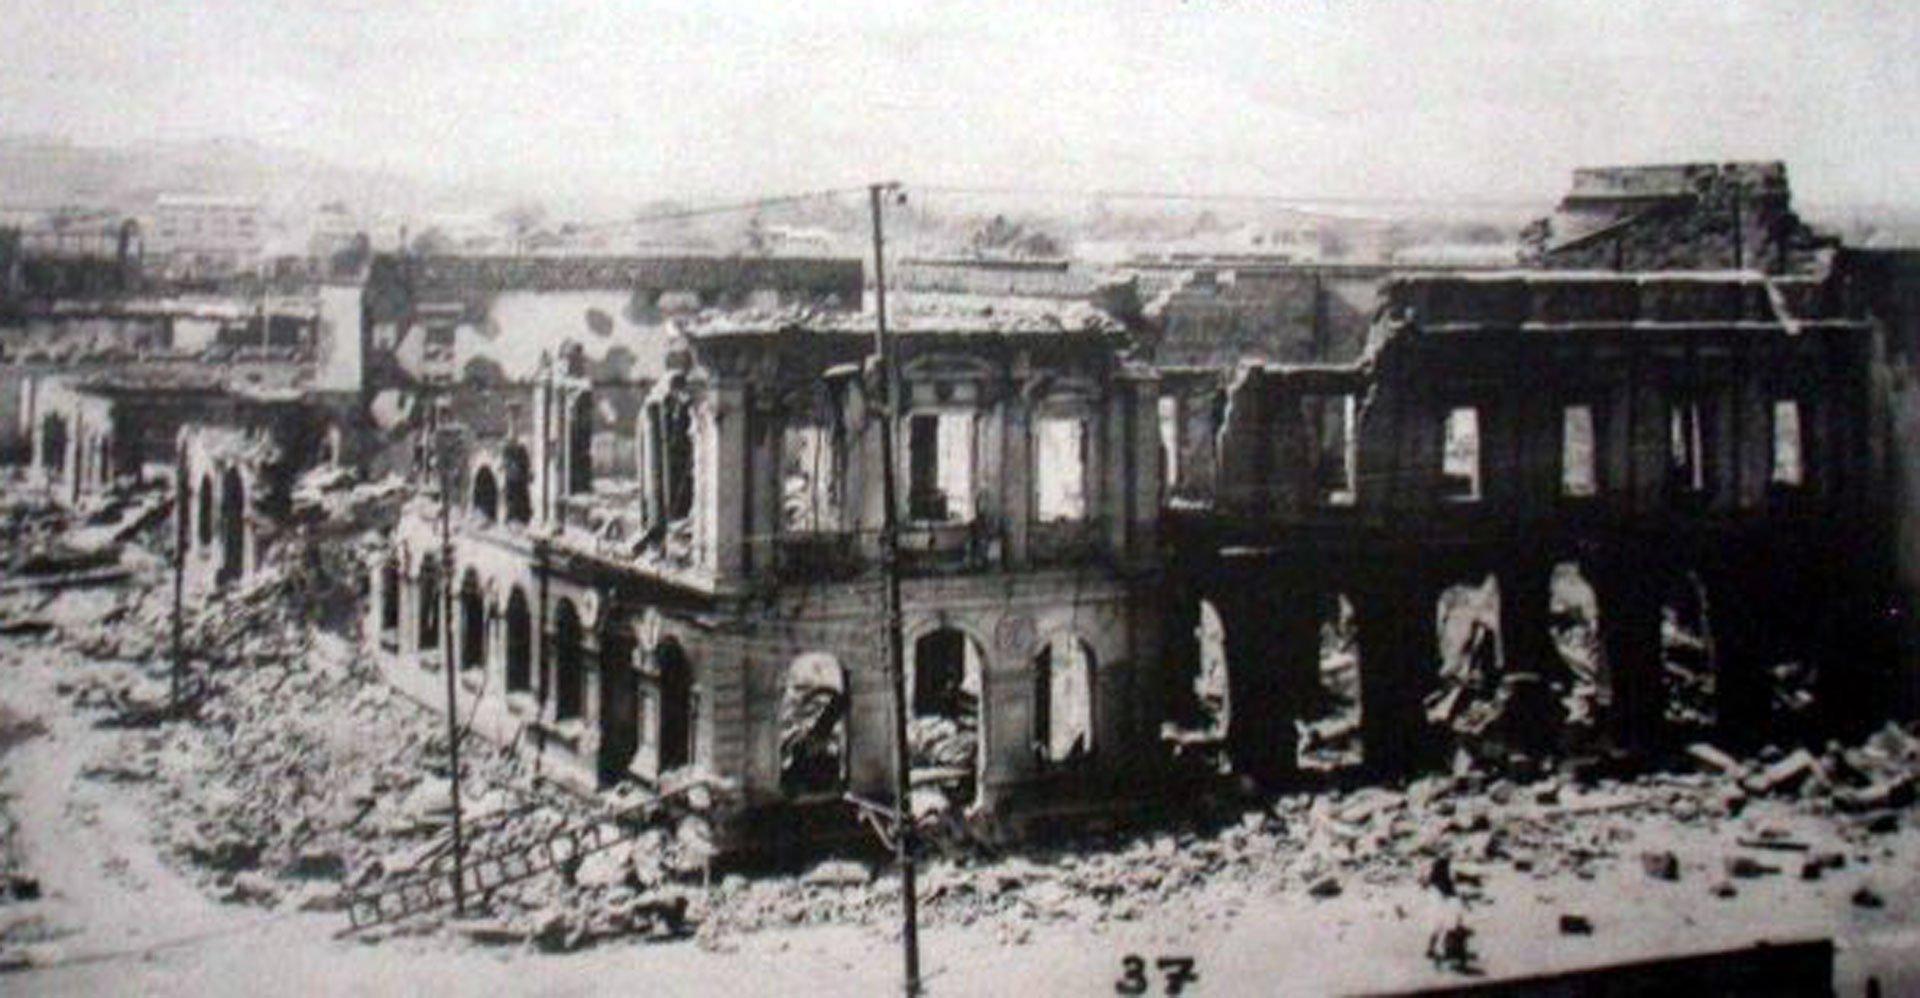 Managua, Nicaragua. 31 de marzo de 1931.El terremoto (6,2 en la escala de Richter) y el incendio posterior destruyeron gran parte de la ciudad de Managua y dejó 2.500 muertos